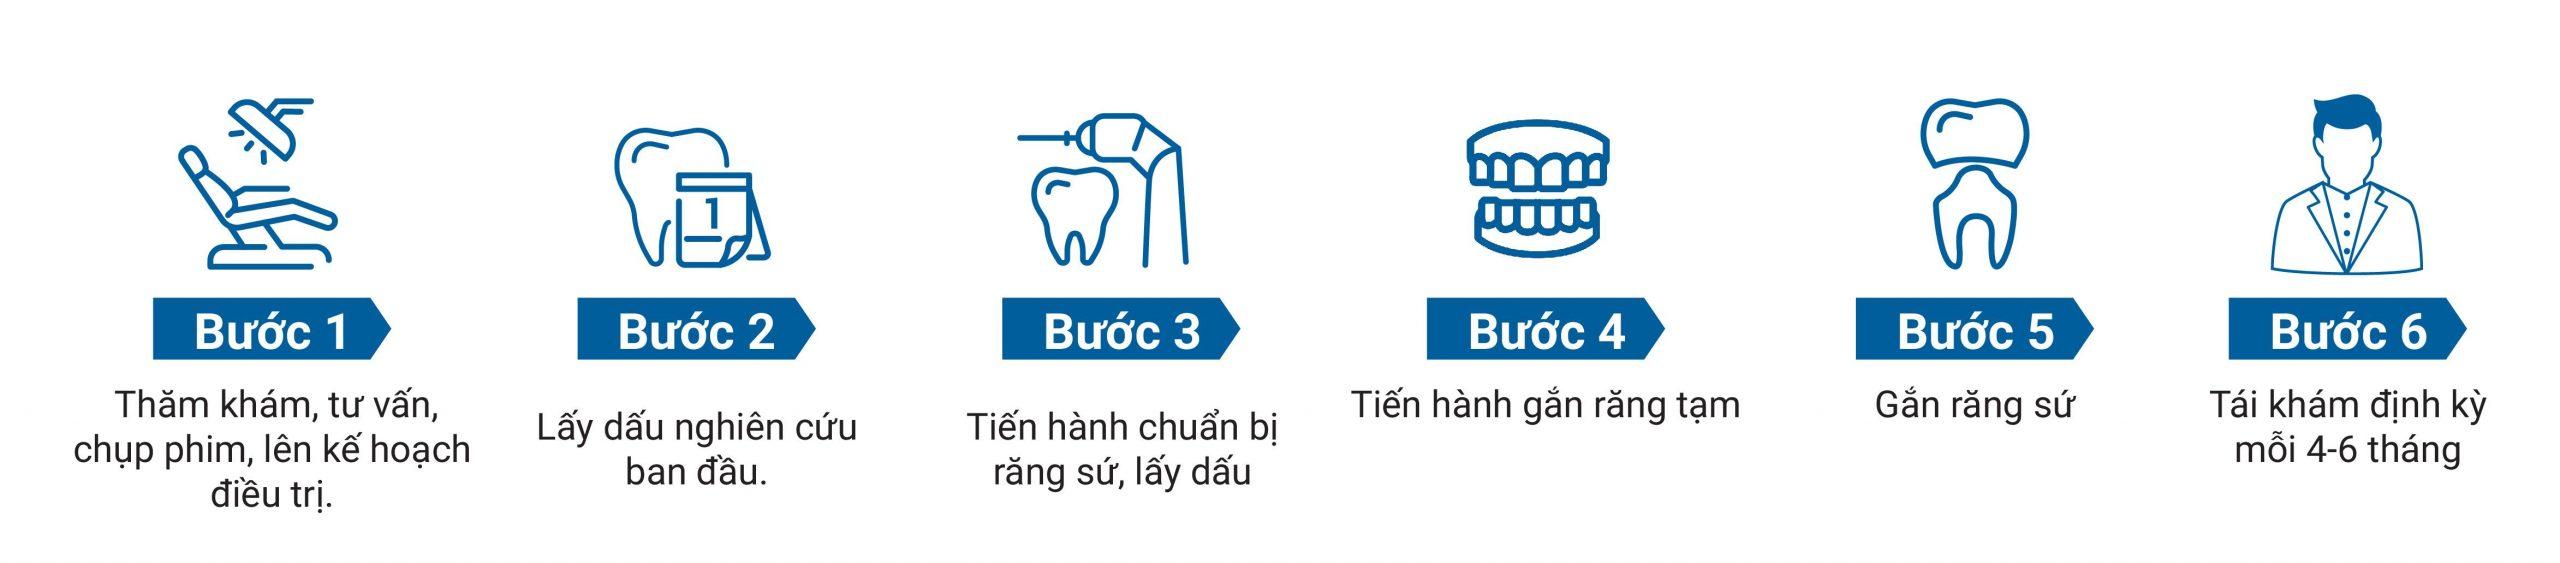 chăm sóc răng sứ 2